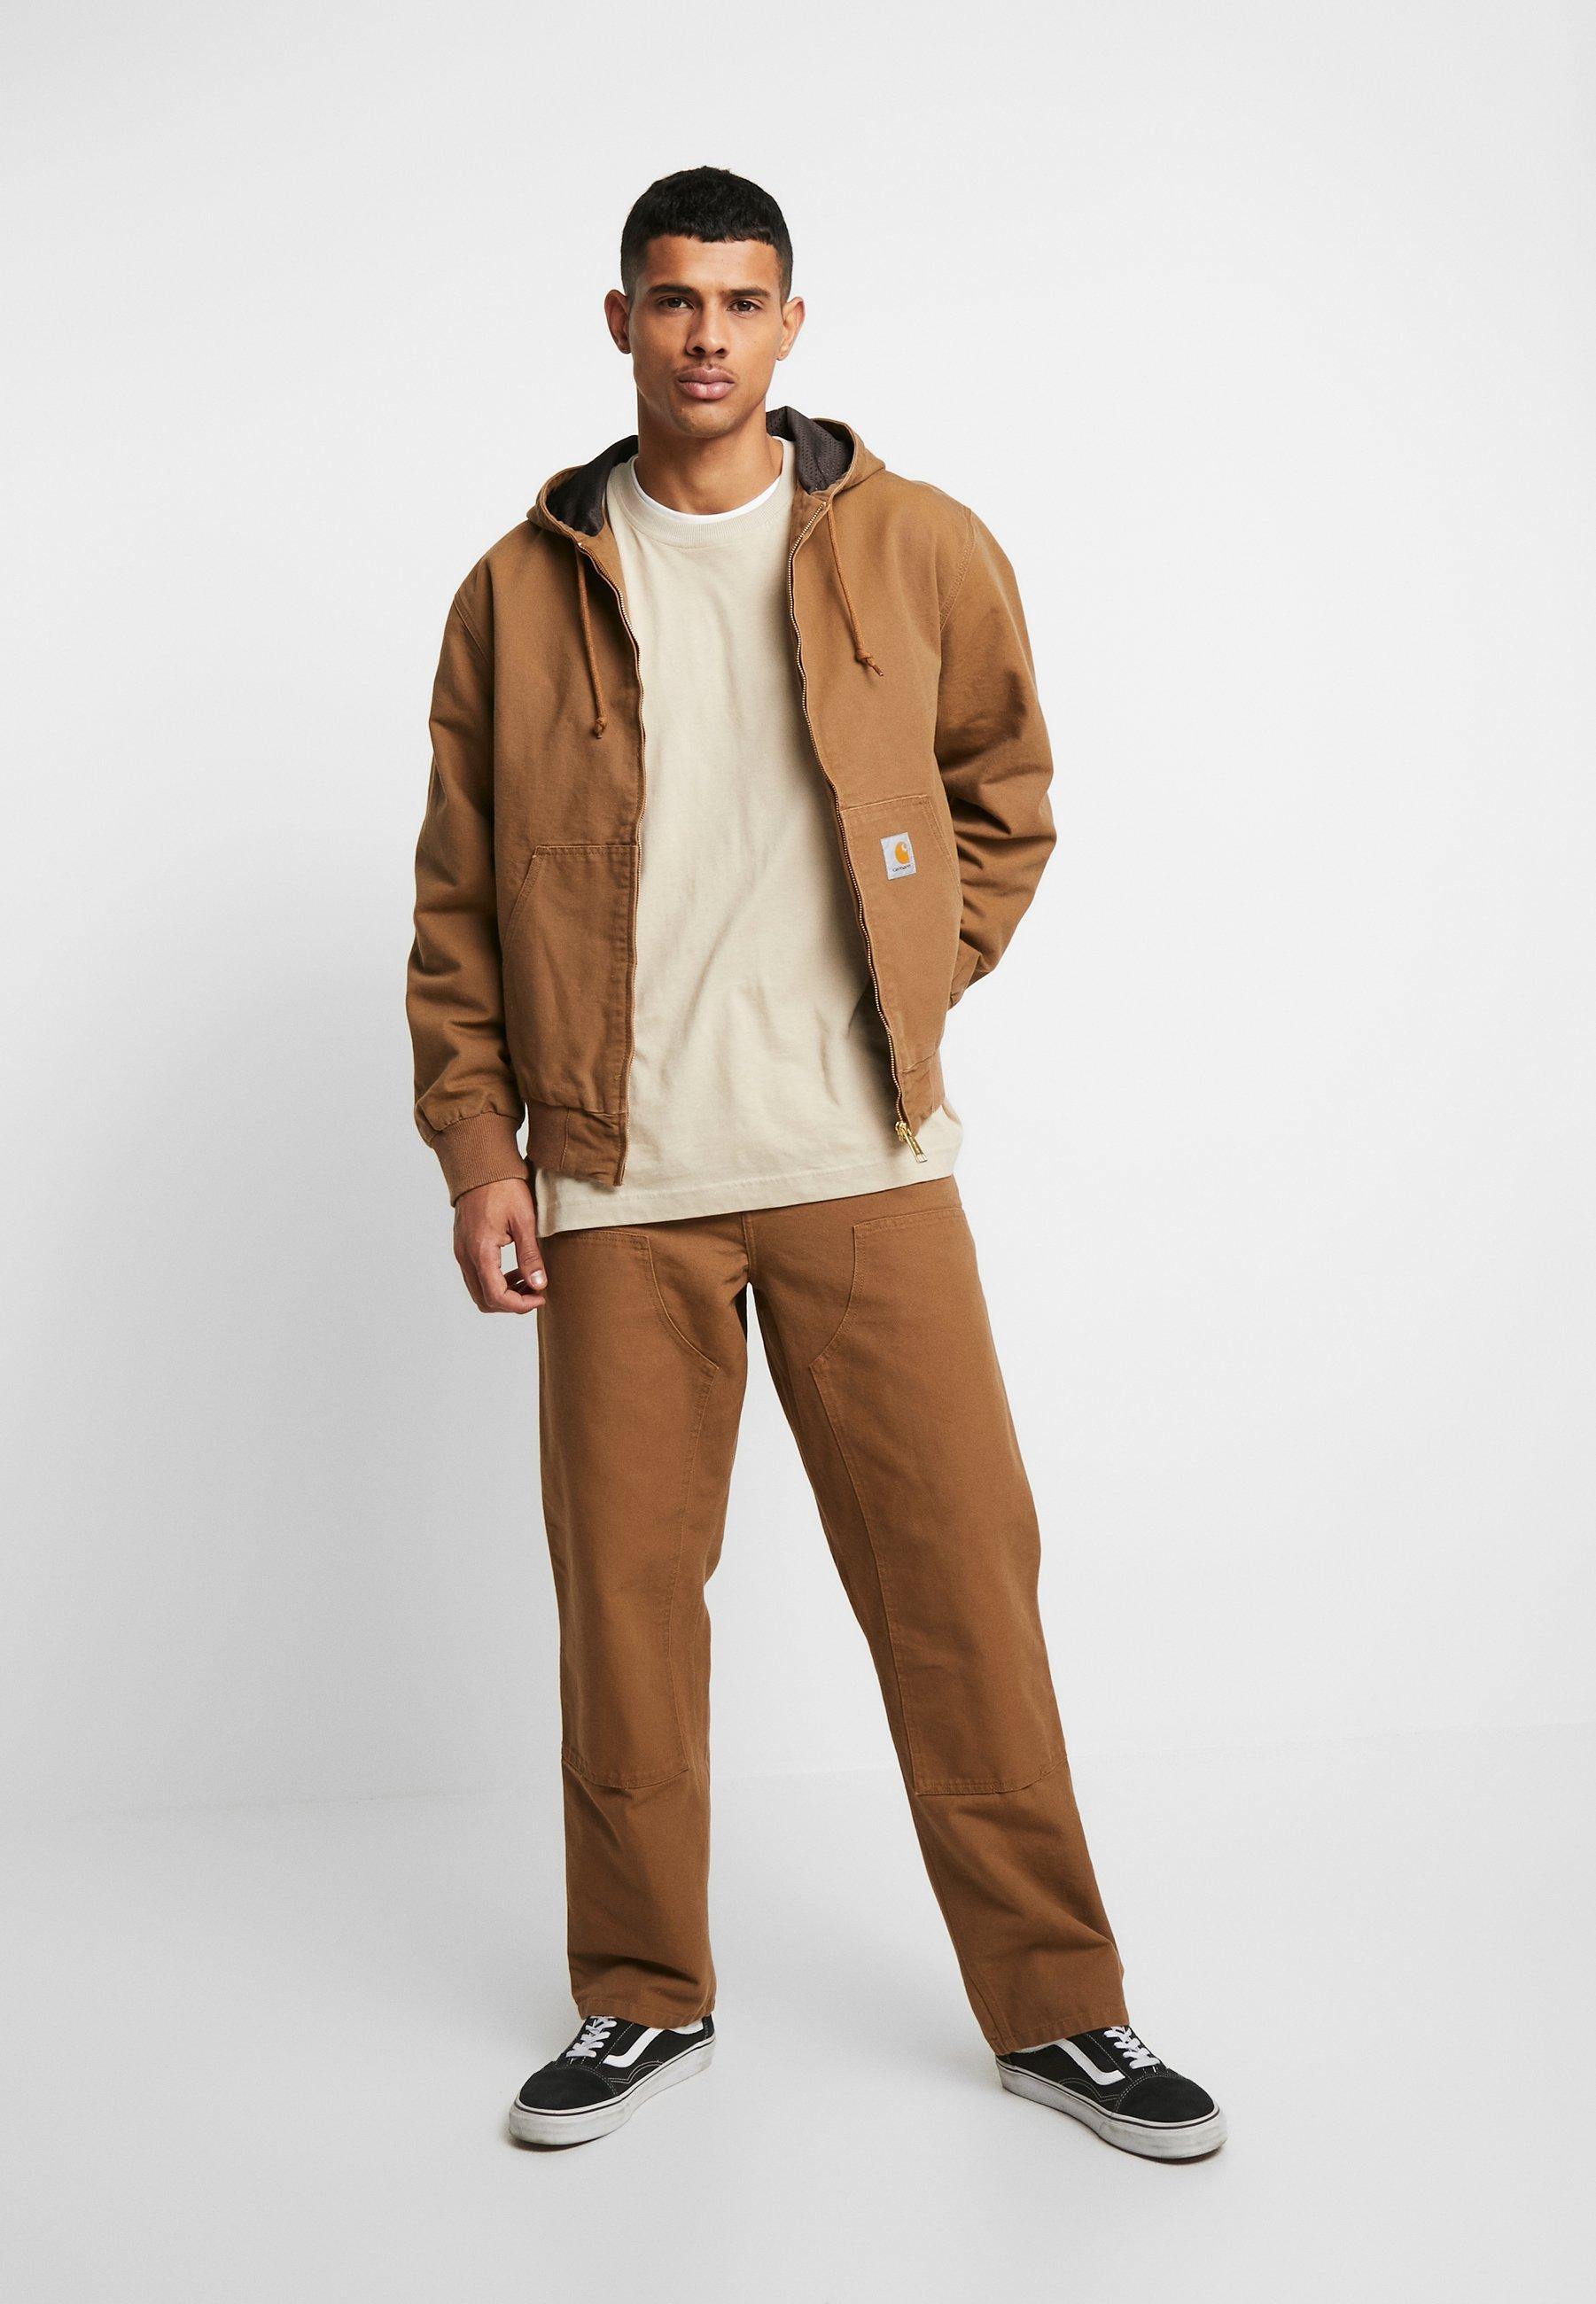 carhartt wip detroit jakke hamilton brown, Carhartt wip